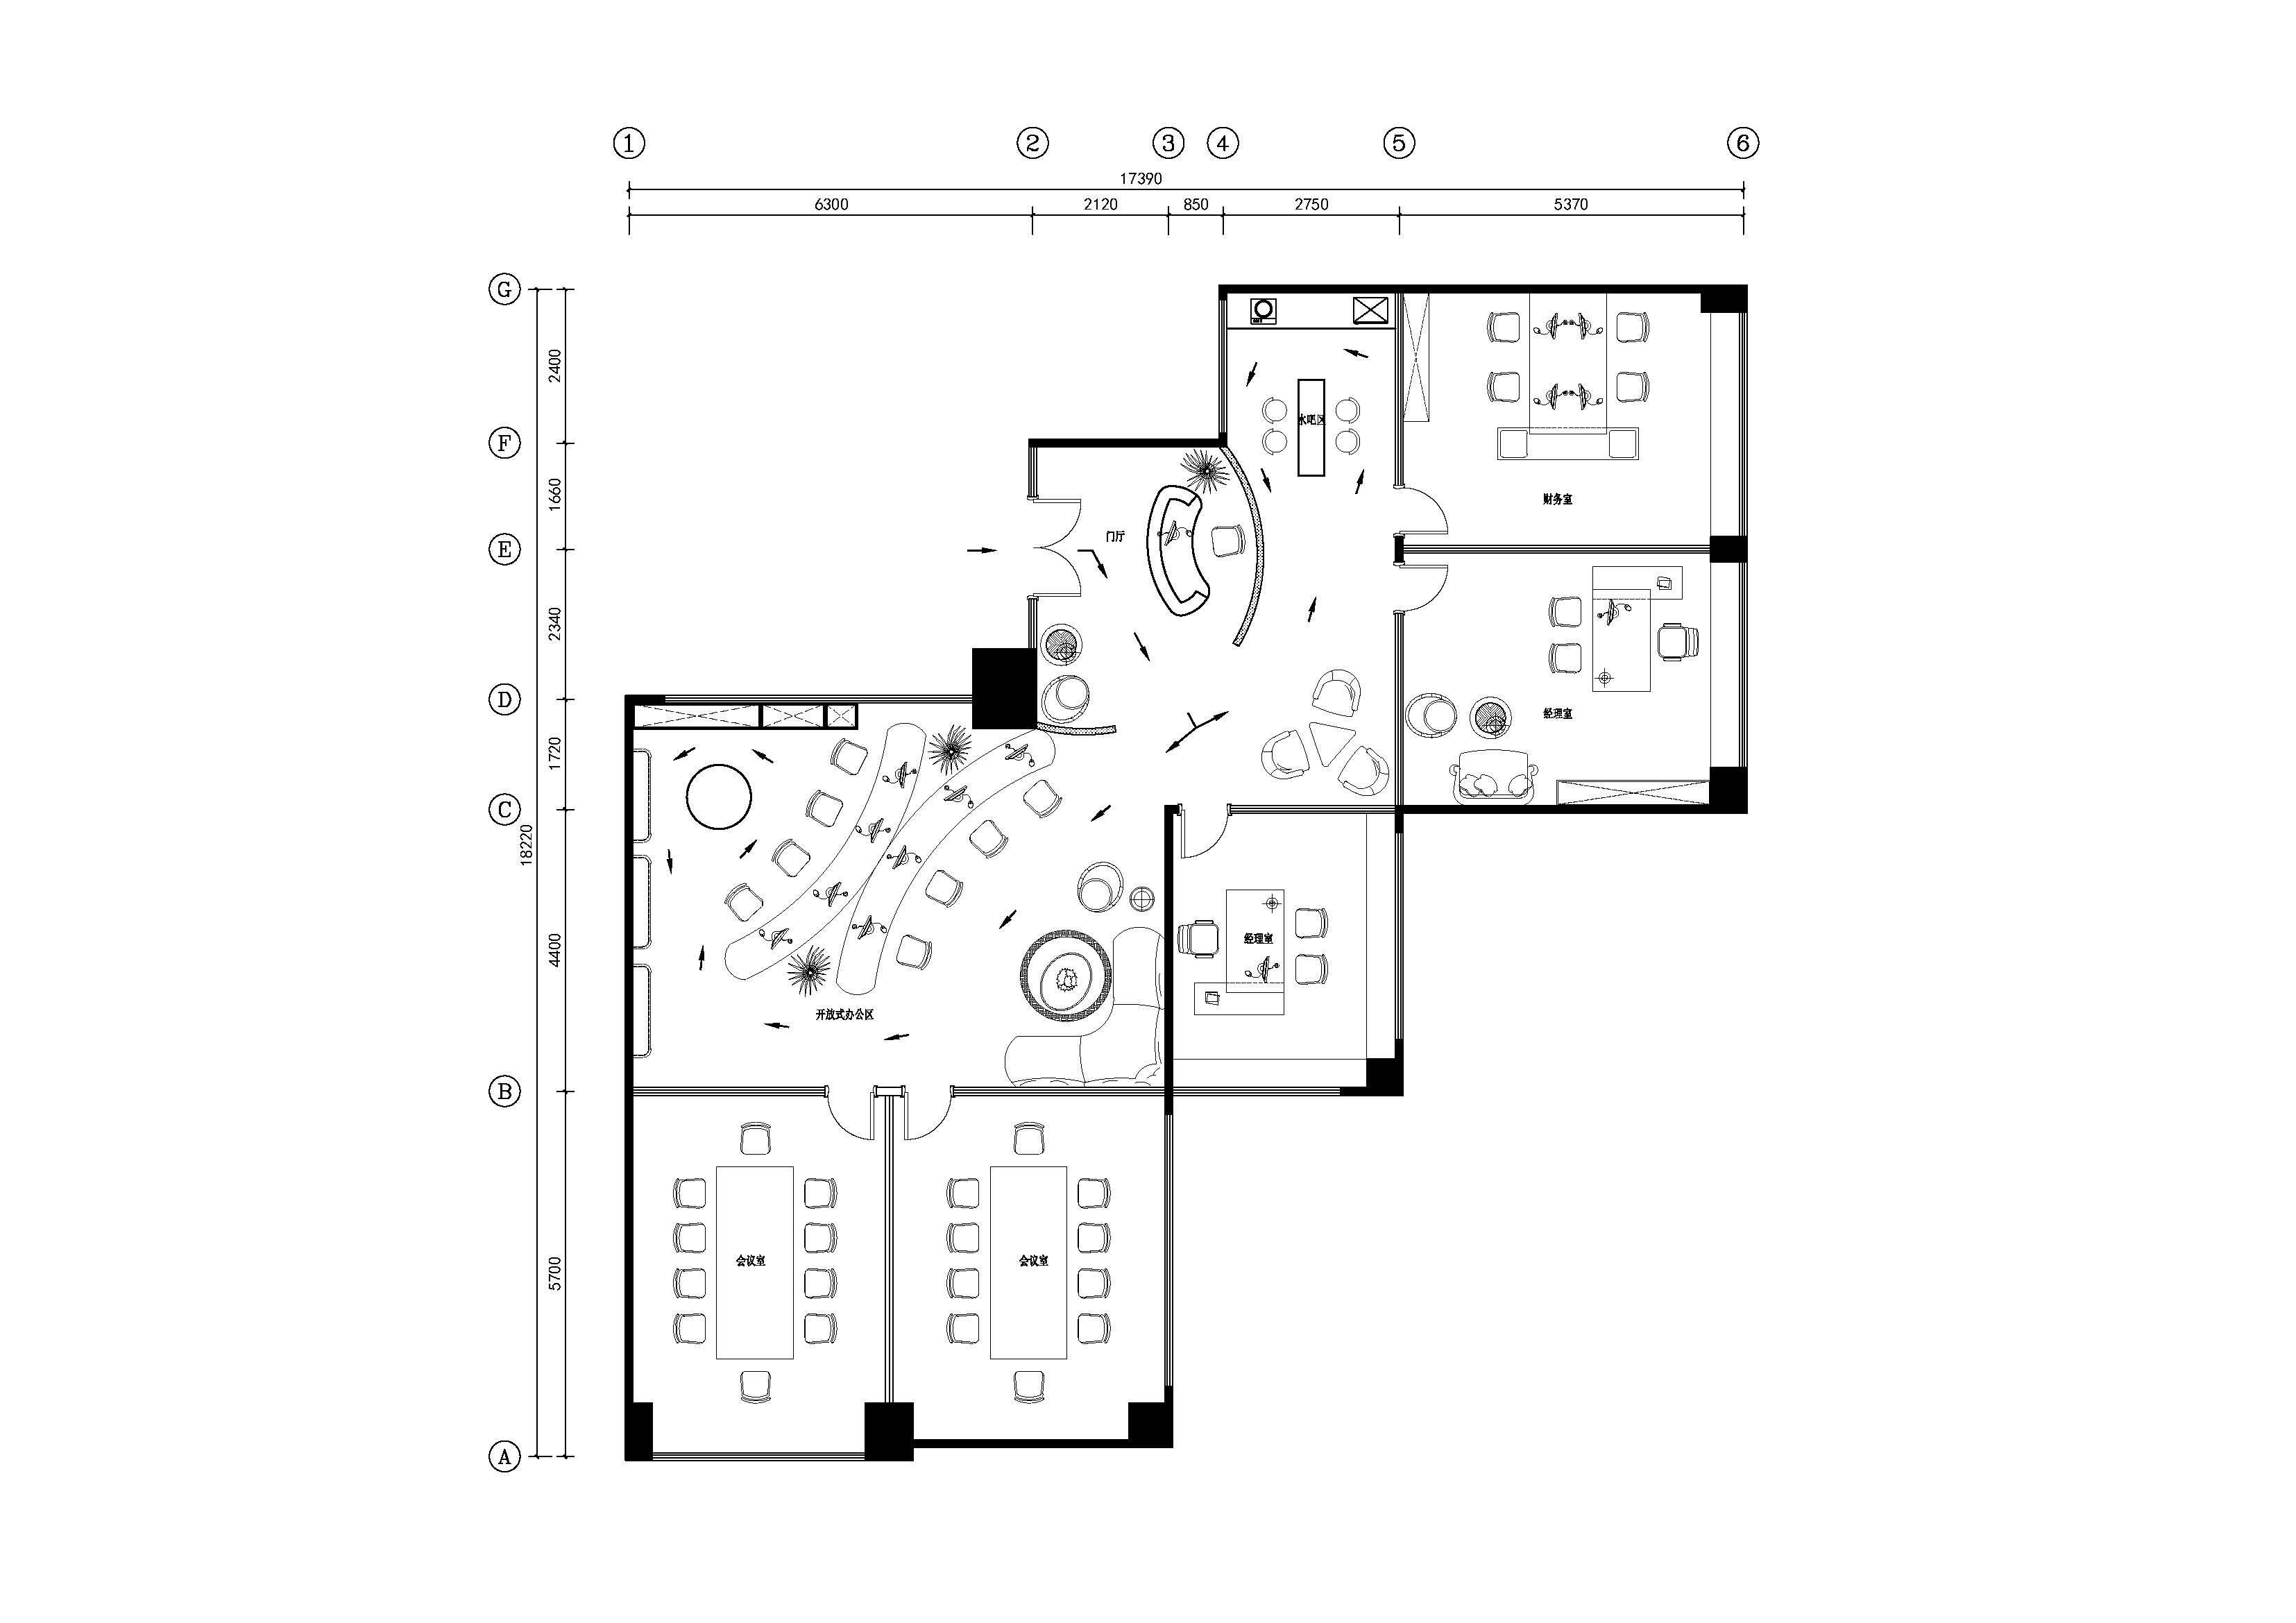 """设计主题:""""邂逅包豪斯的柔情""""----呼和浩特海亮广场某高端服装公司办公室室内概念设计案例 设计单位:北京乾城空间设计机构 设计师:郭恒、成军 设计费:20000元(人民币) 项目地点:内蒙古呼和浩特海亮广场 项目面积:180 包豪斯风格:实际上是人们对""""现代主义风格""""的另一种称呼。称为""""包豪斯风格""""是对包豪斯的一种曲解,包豪斯是一种思潮,而并非完整意义上的风格。 包豪斯提出了三个基本观点:艺术与技术的新统一:设计的目的是人而不是"""